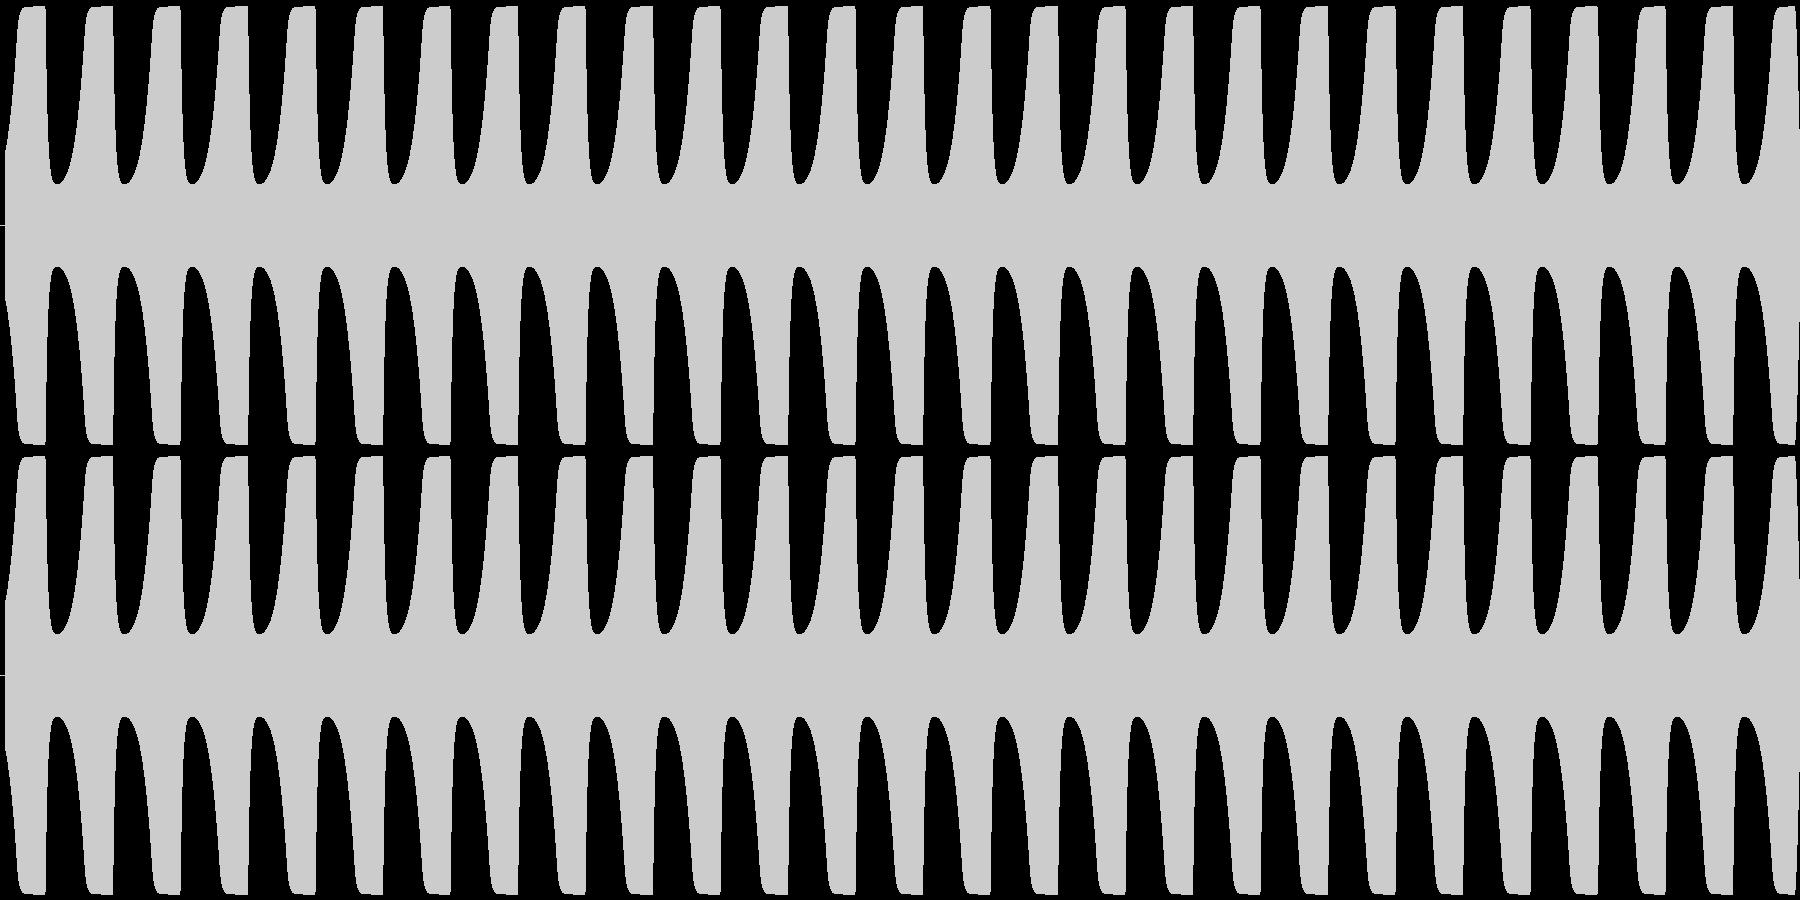 ゲームテキスト効果音A-3(長い)の未再生の波形